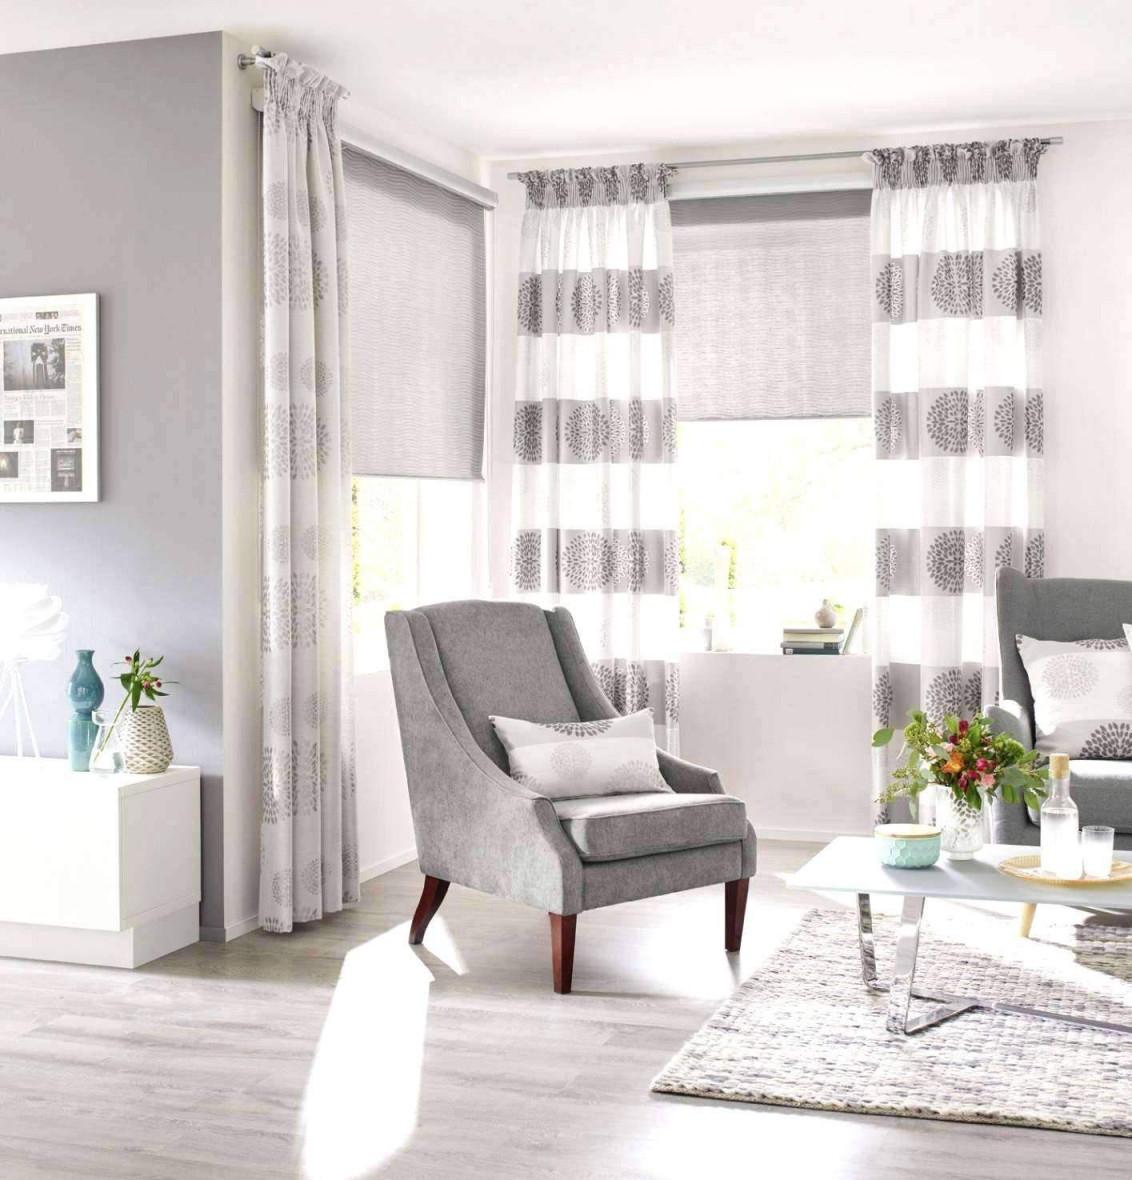 28 Inspirierend Fenster Gardinen Wohnzimmer Reizend von Gardinen Für Wohnzimmer Große Fenster Bild